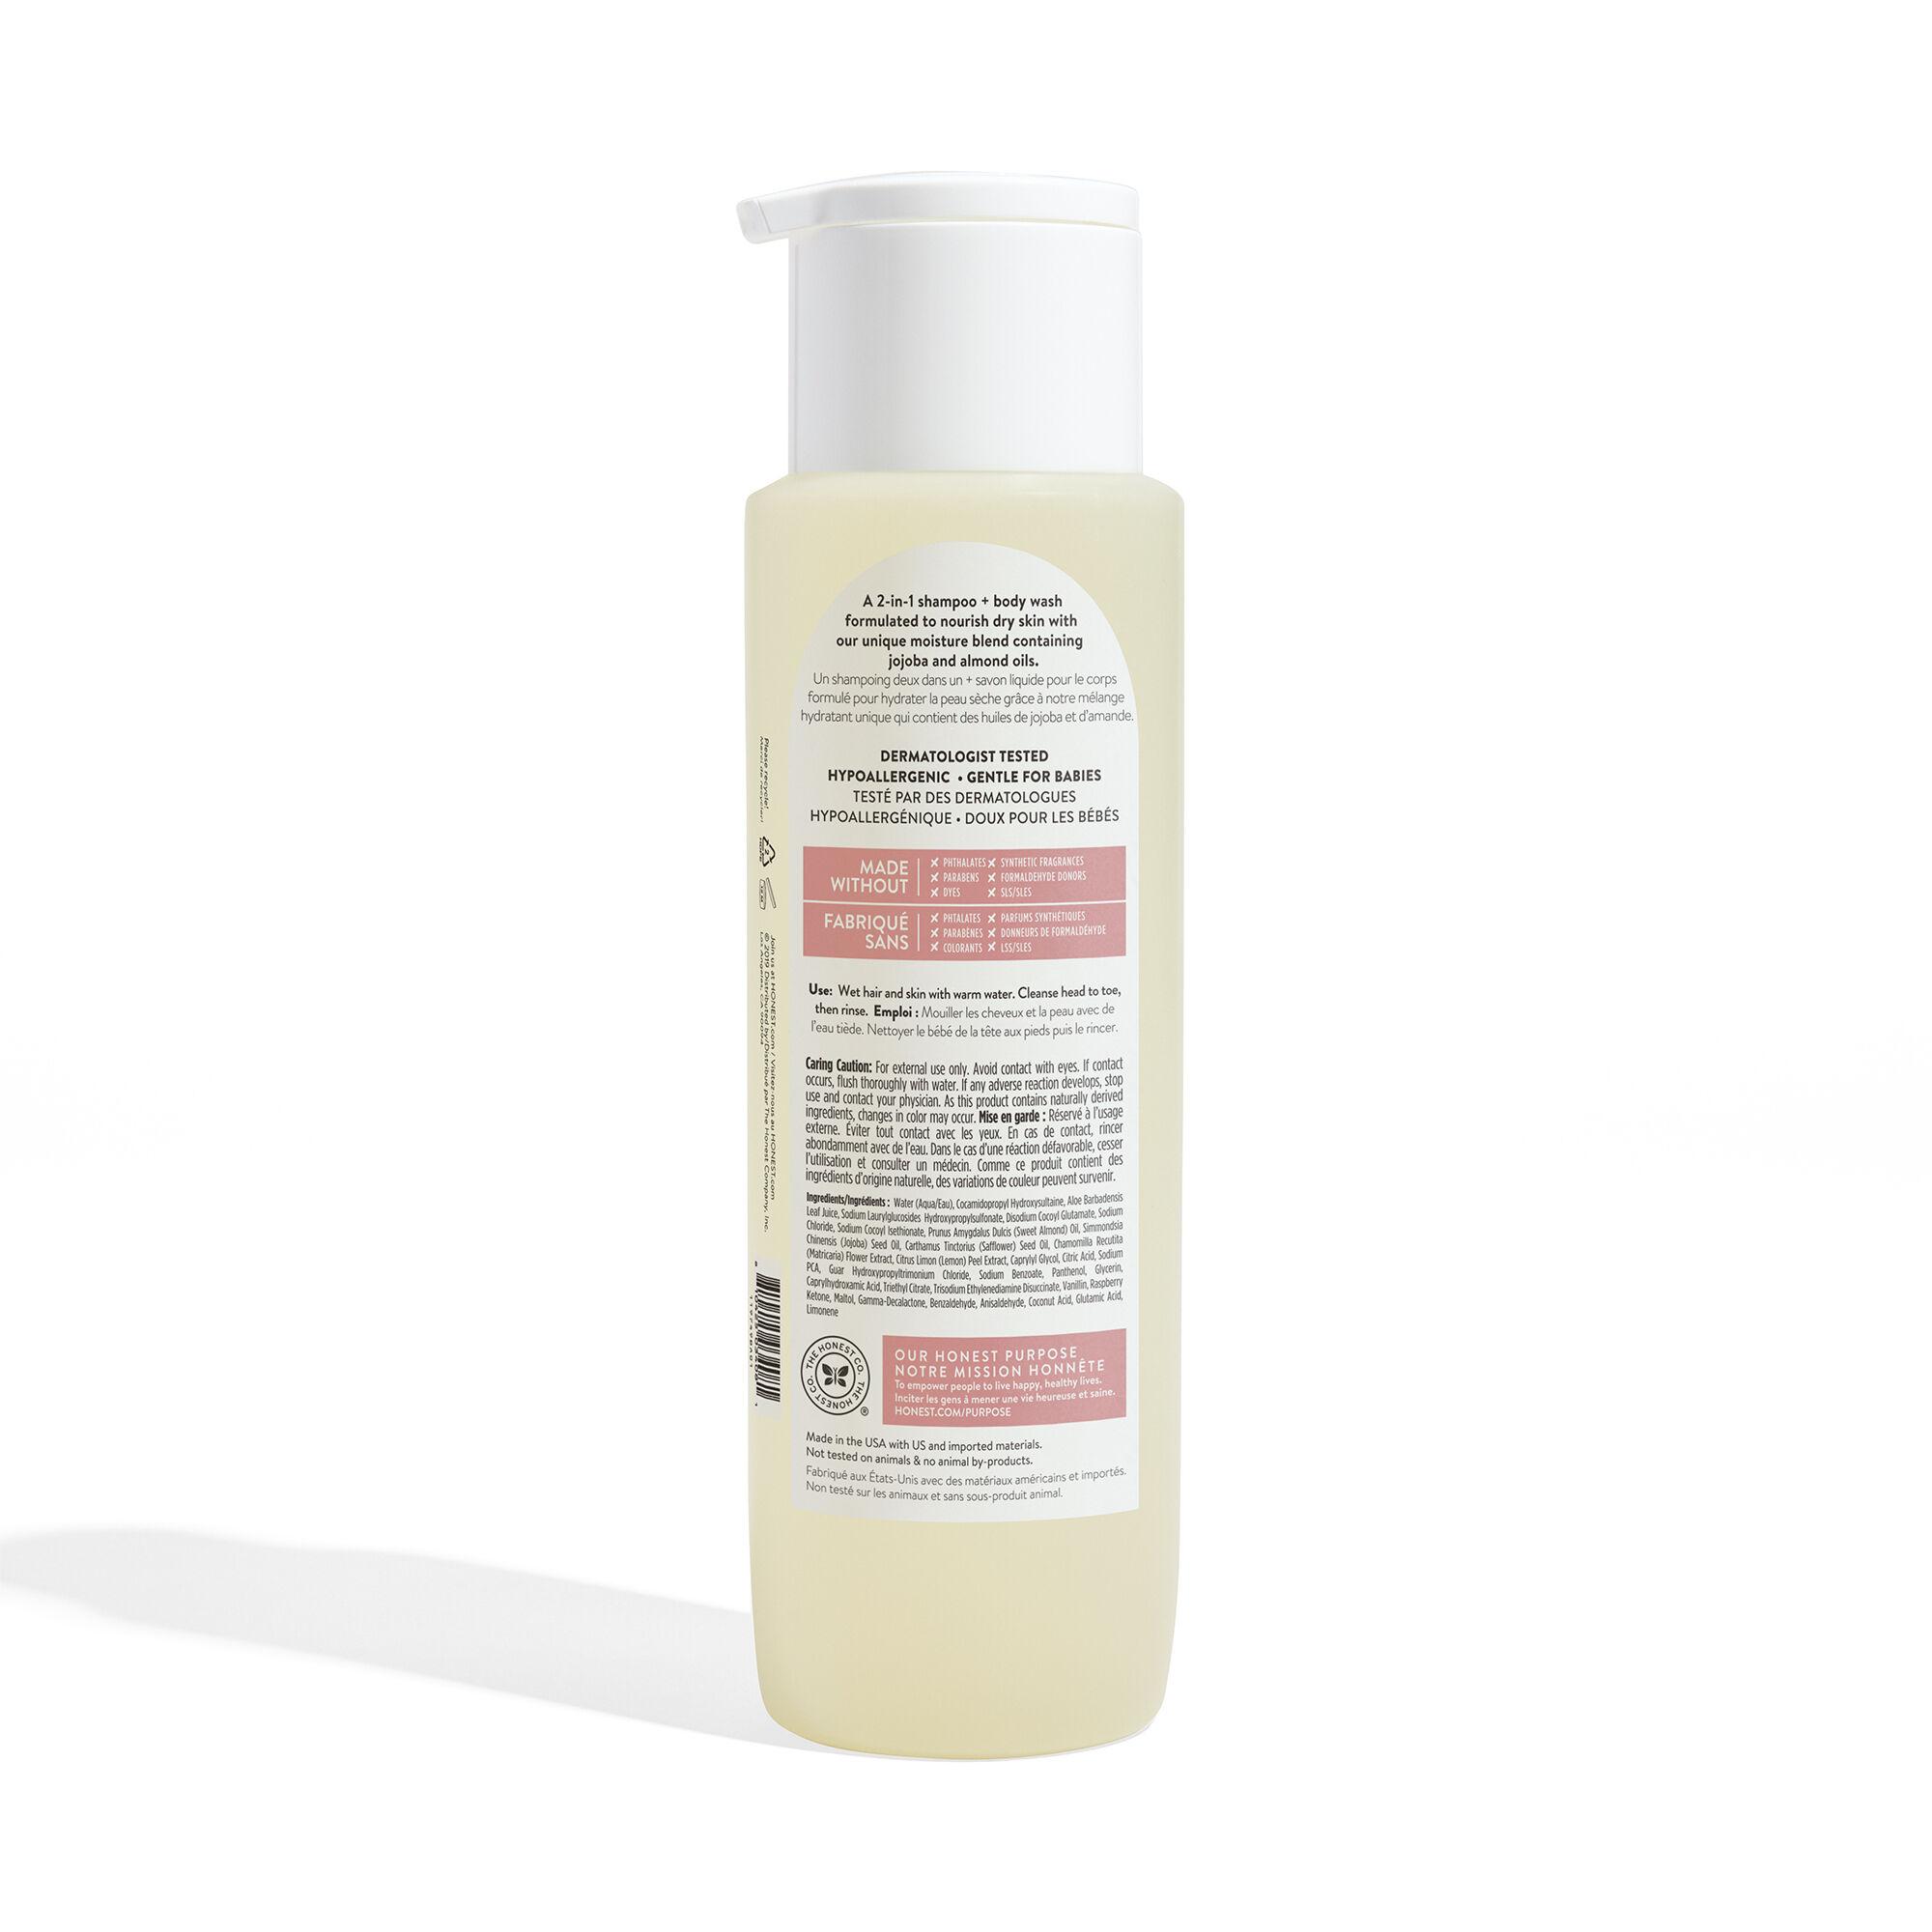 Shampoo + Body Wash, Value Size, Gently Nourishing